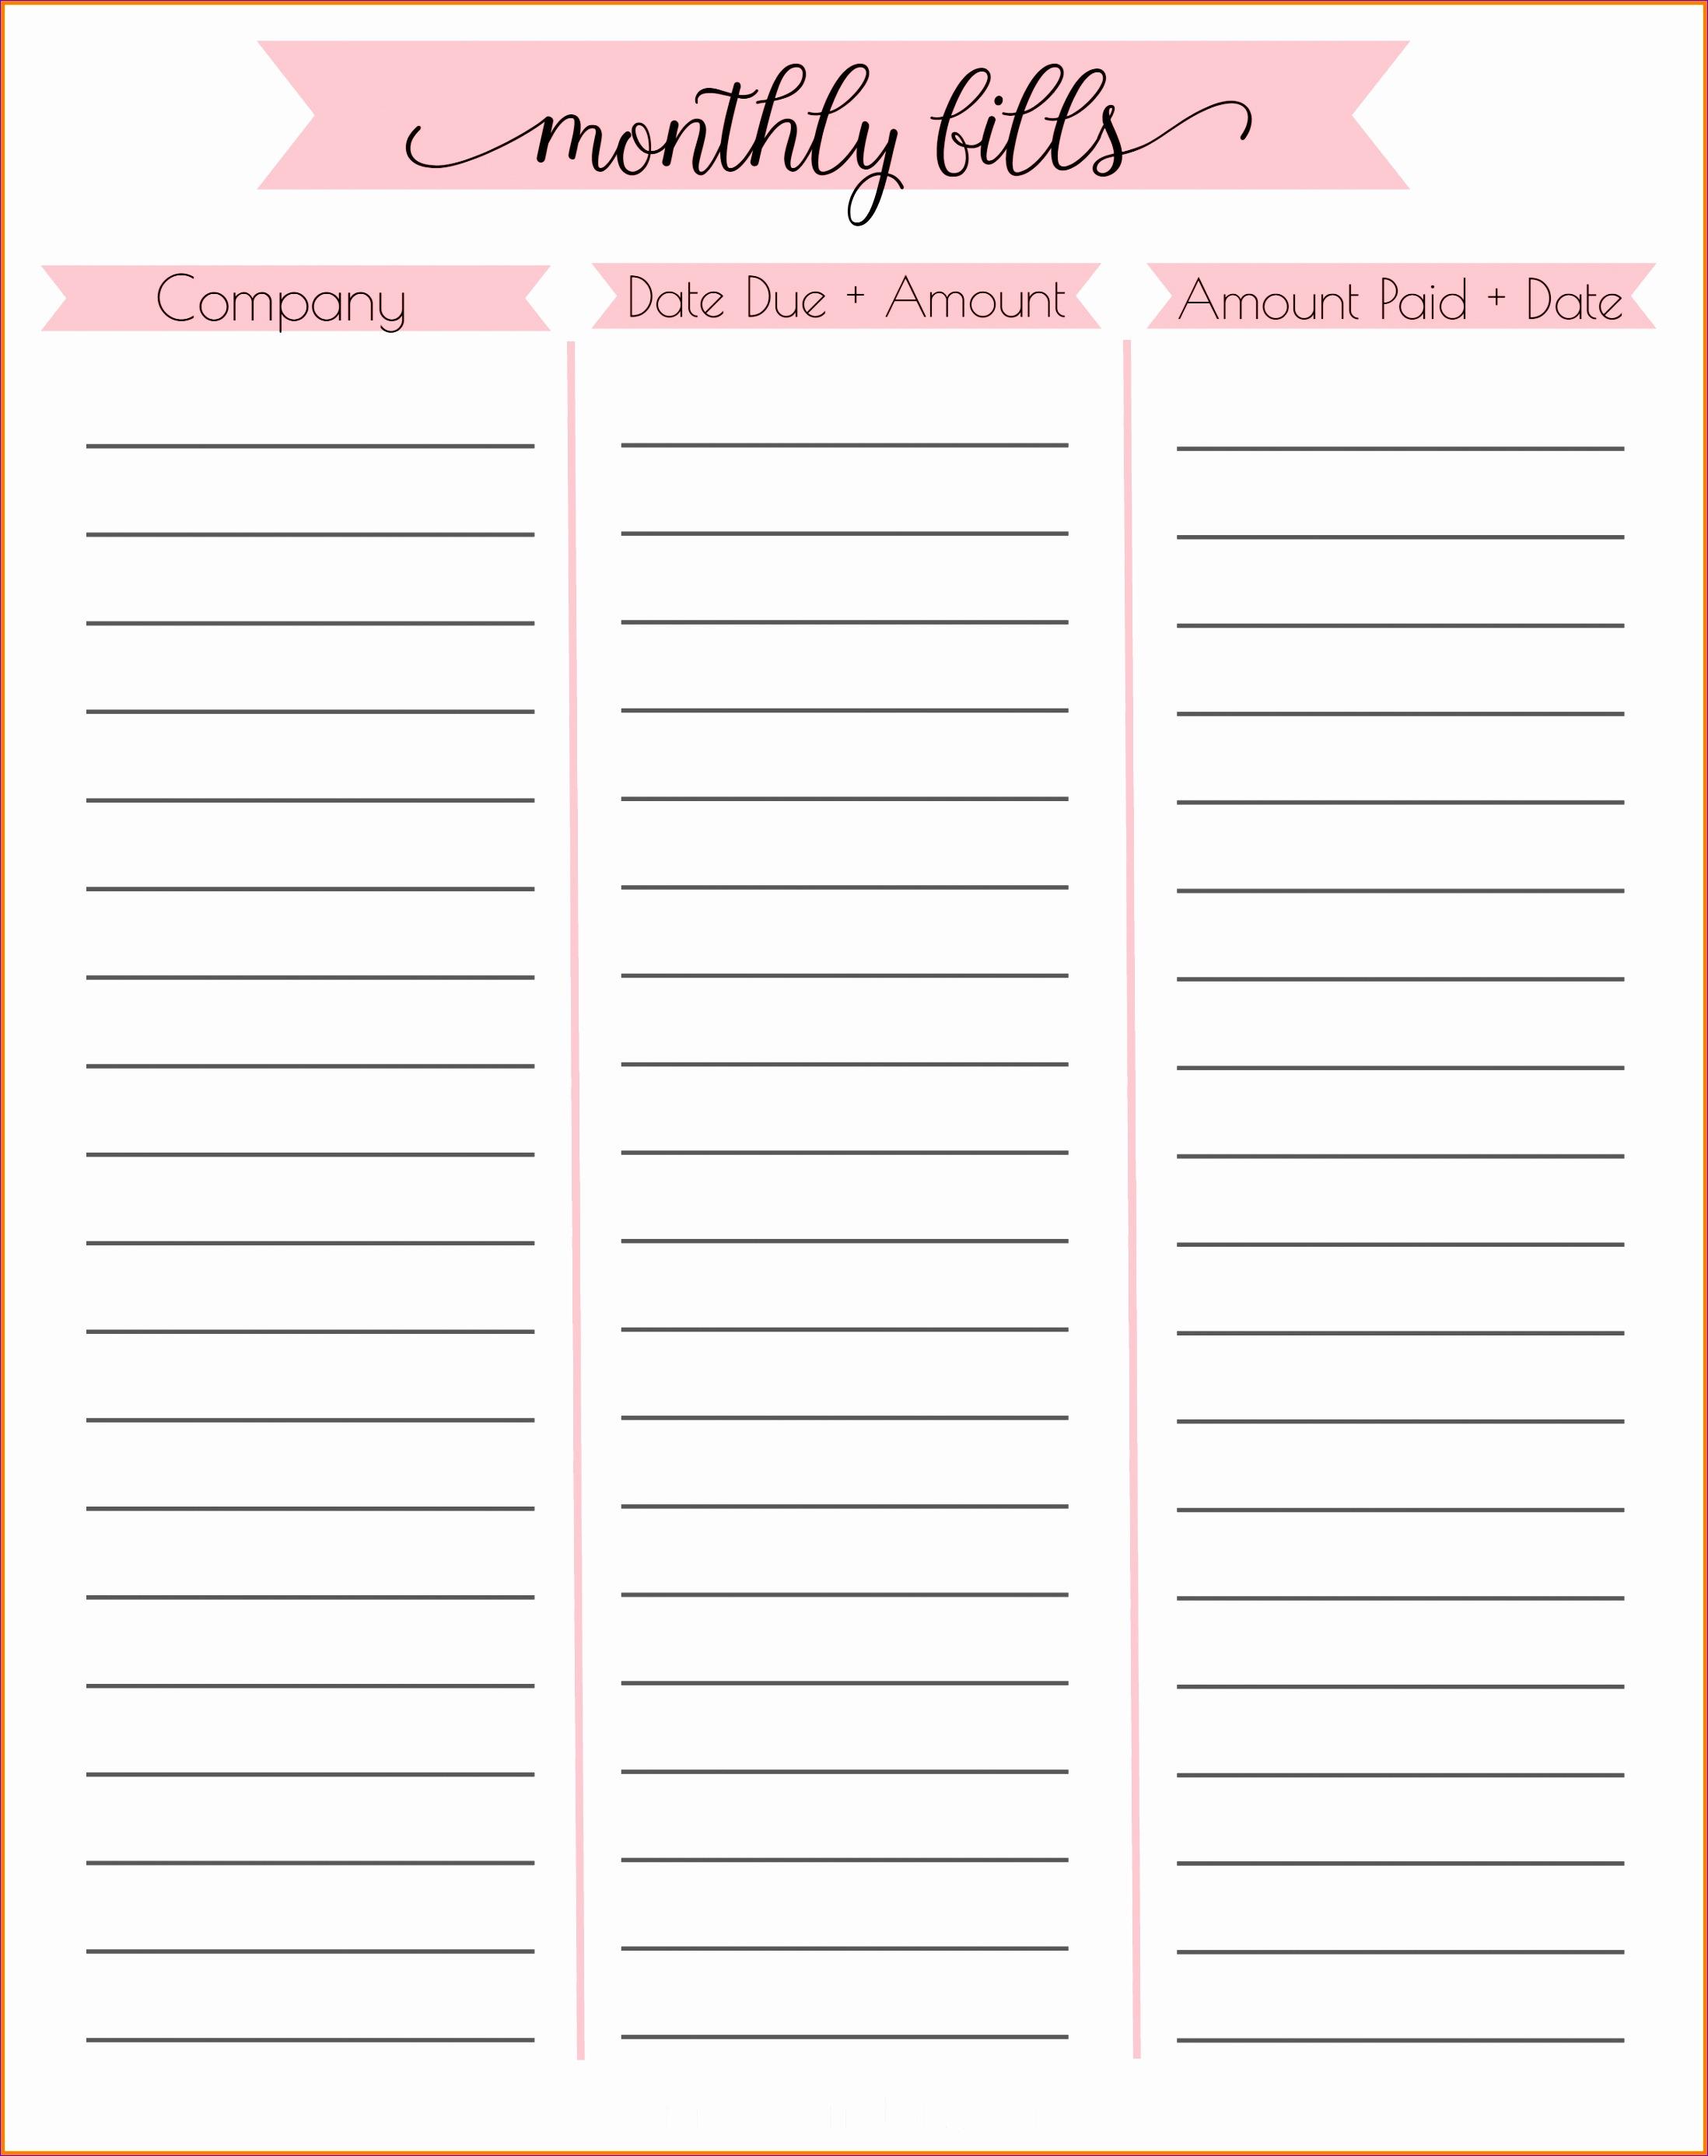 monthly bills checklist 21962772